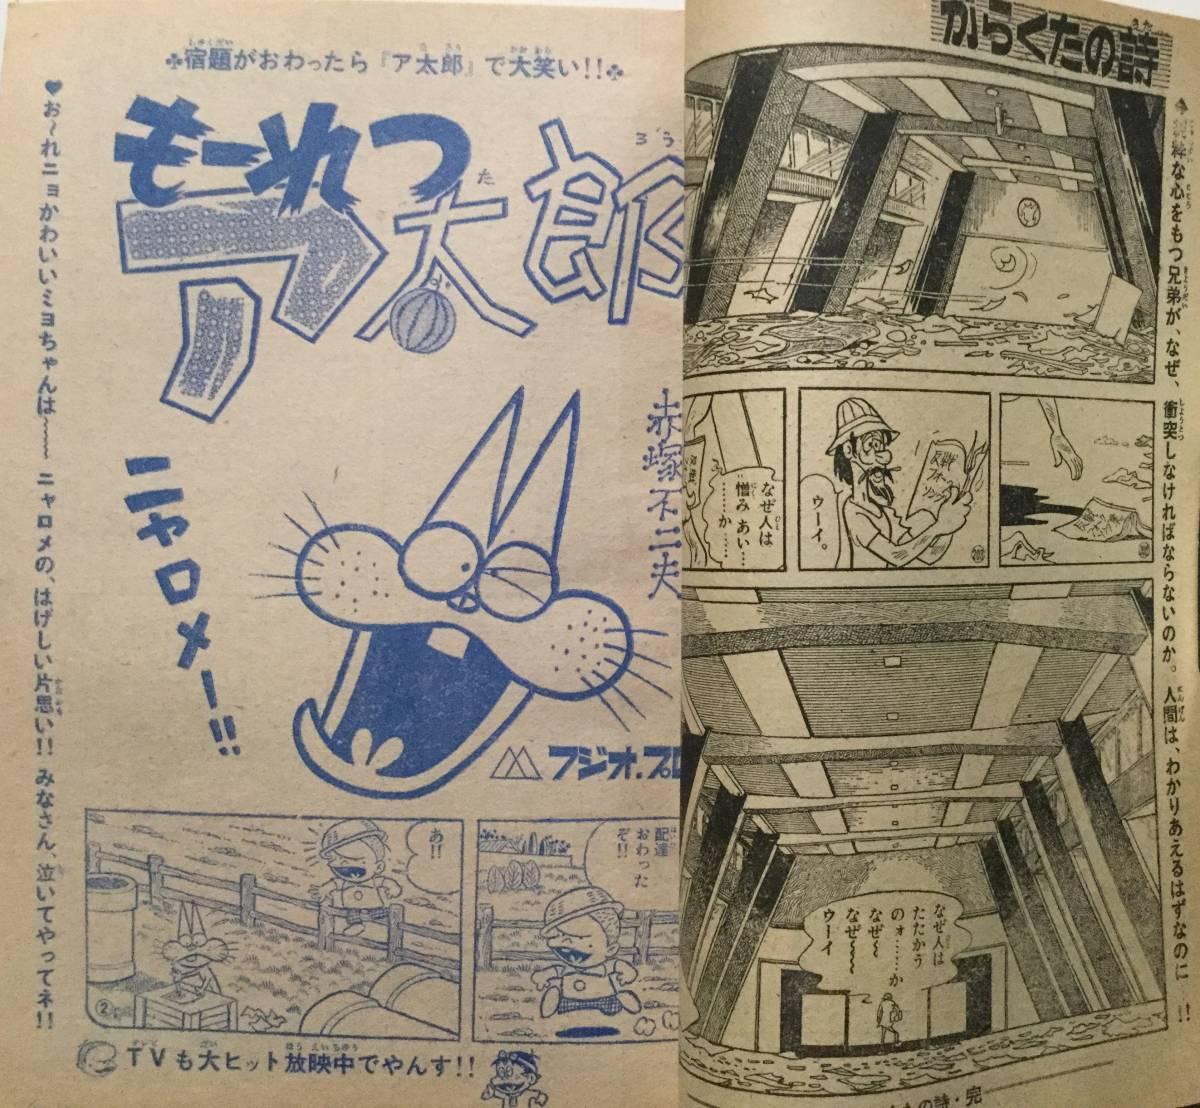 ヤフオク! - 週刊少年サンデー 1969年(昭和44年)8月24日号 雪...